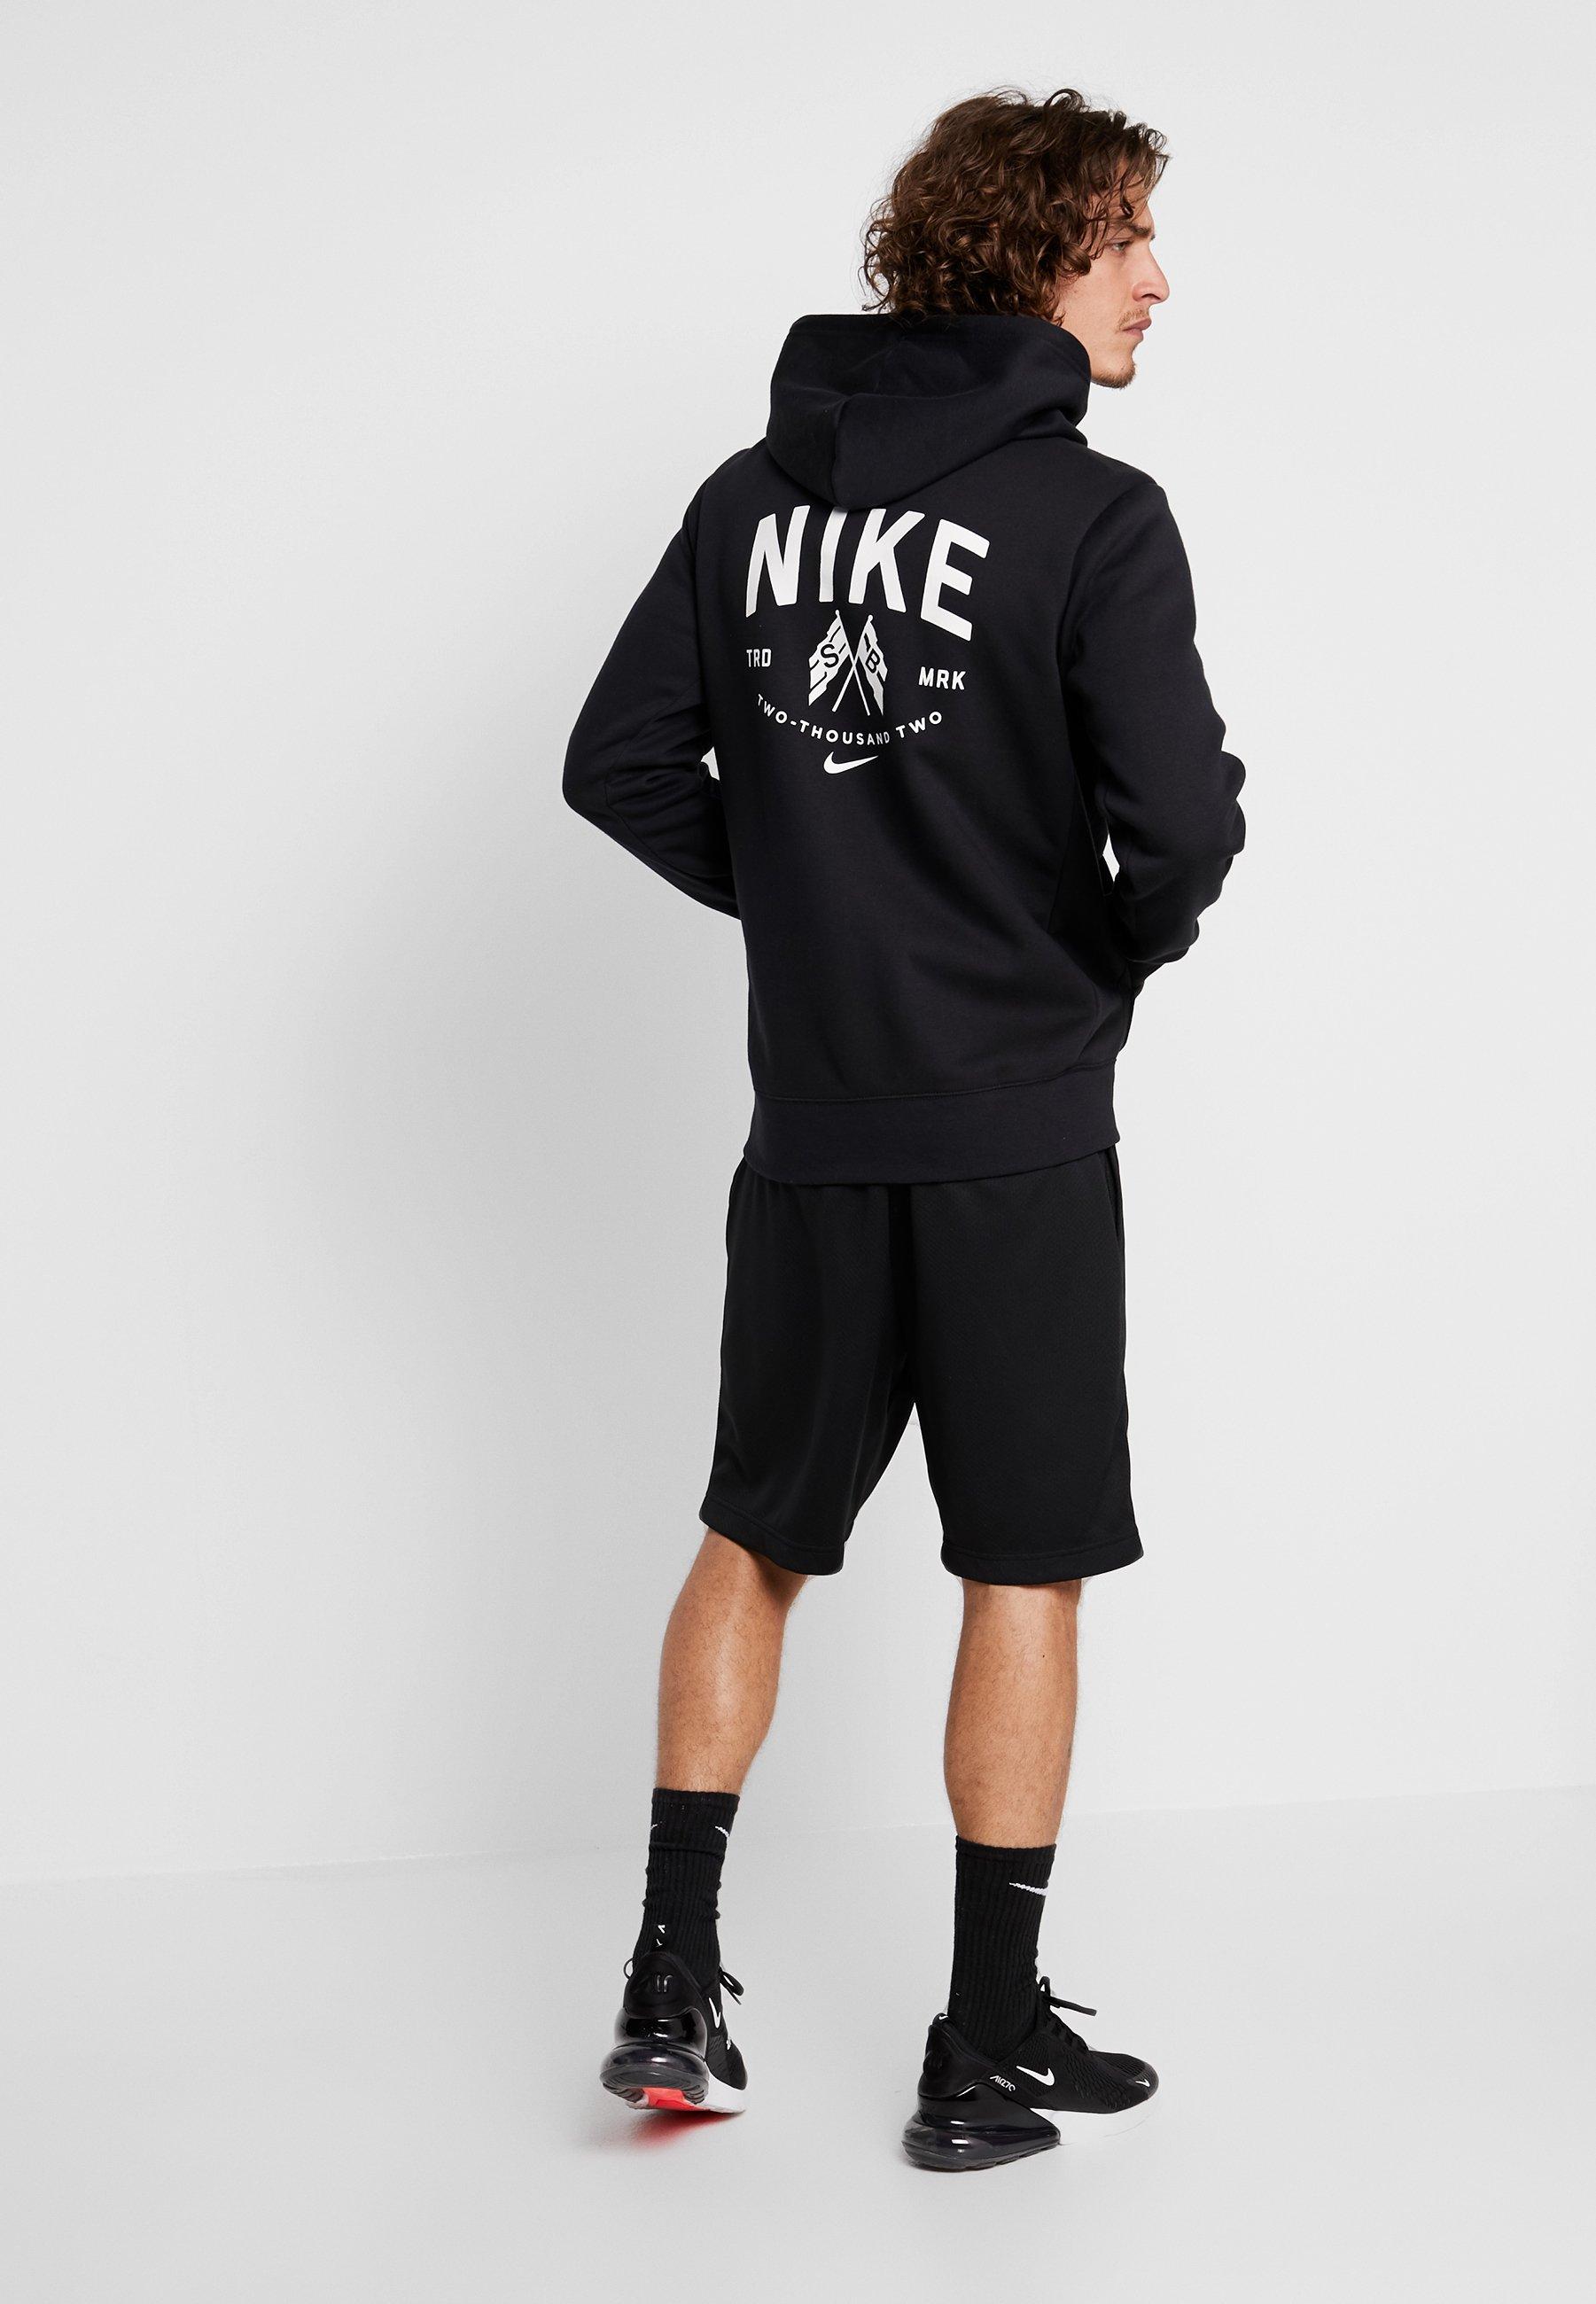 SundayShort Black White Dry summit Nike Sb I2YDH9EbeW